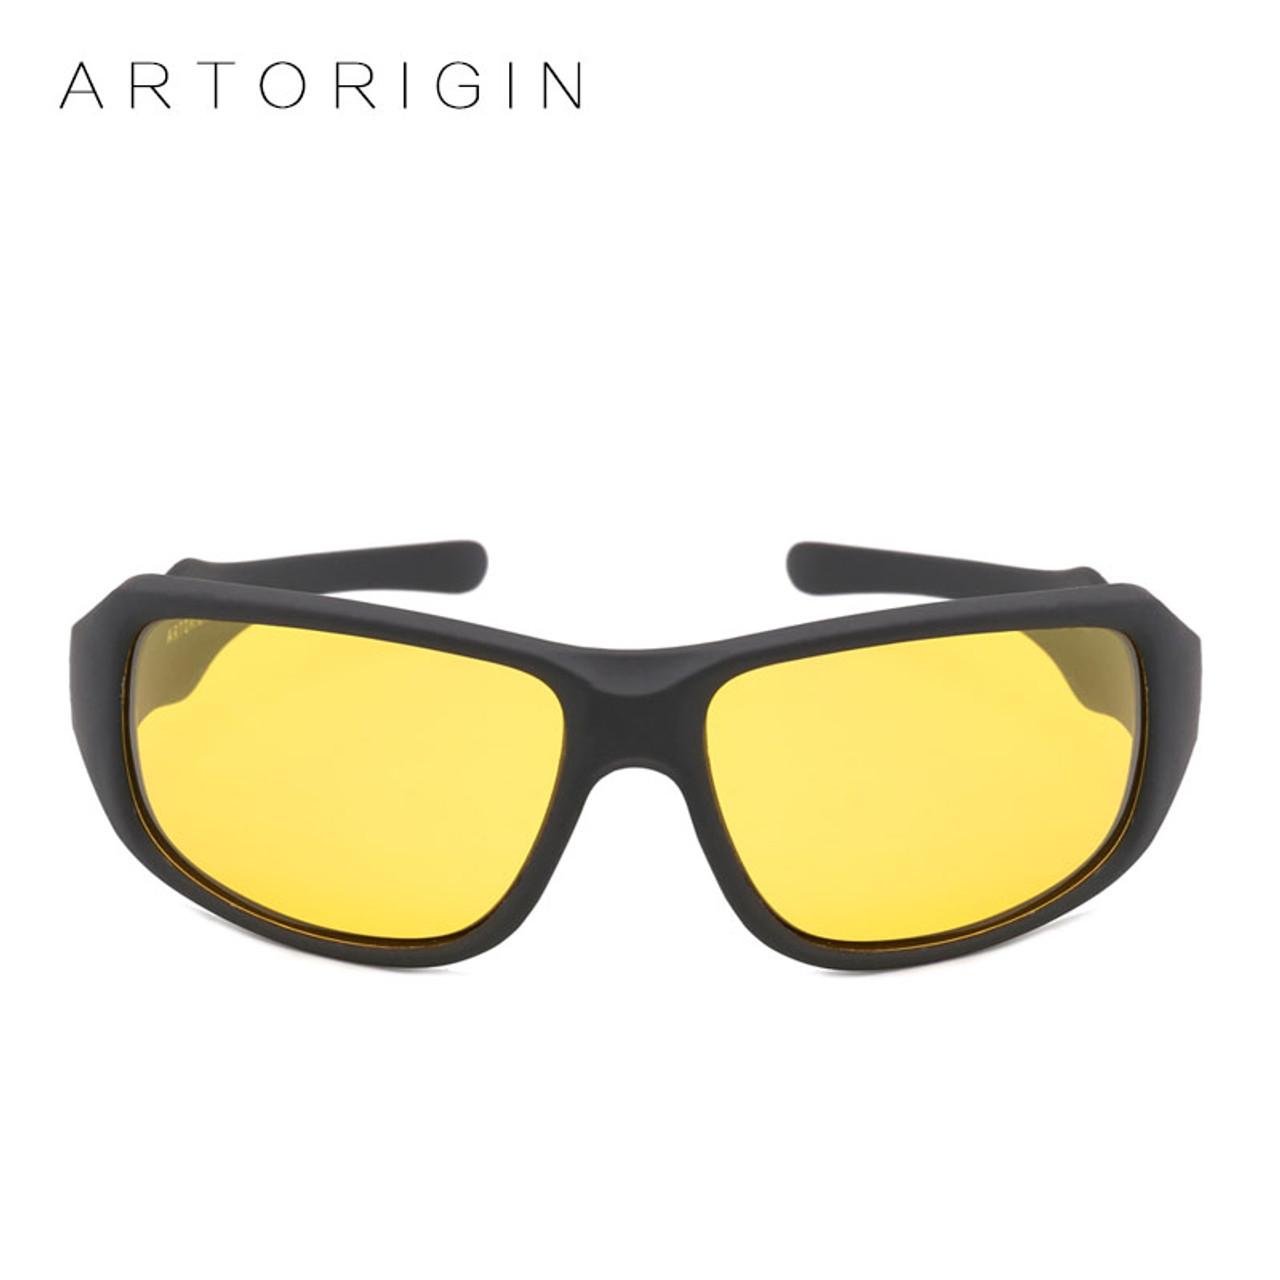 8d0a2109b6e ... ARTORIGIN Polarized Sunglasses Men Women Night Vision Goggles Driving  Glasses Anti Glare Safety Sunglass With Box ...